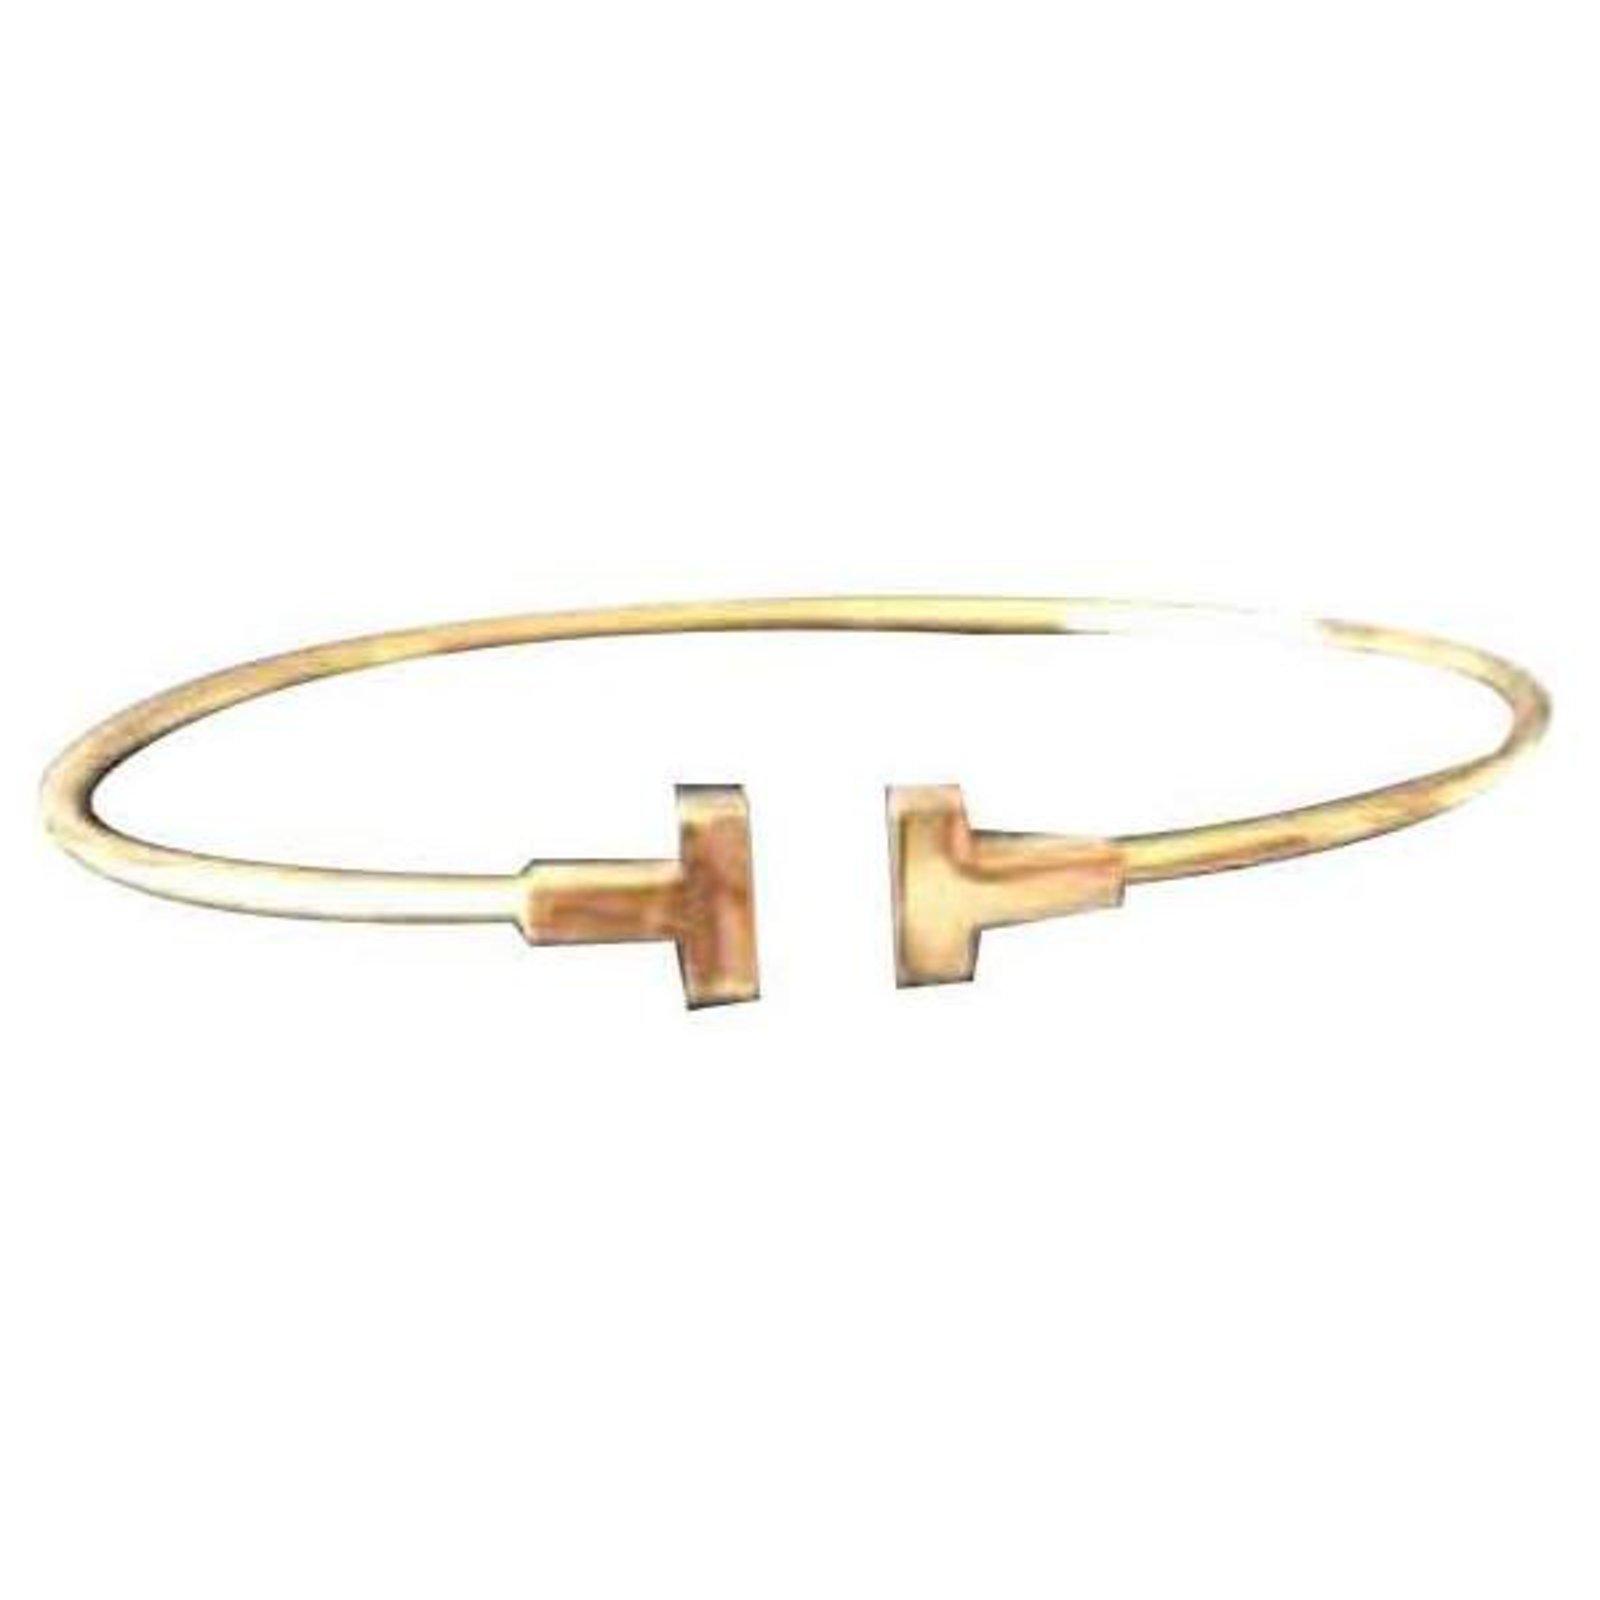 Tiffany Co Bracelets Bracelets Other Other Ref 113128 Joli Closet